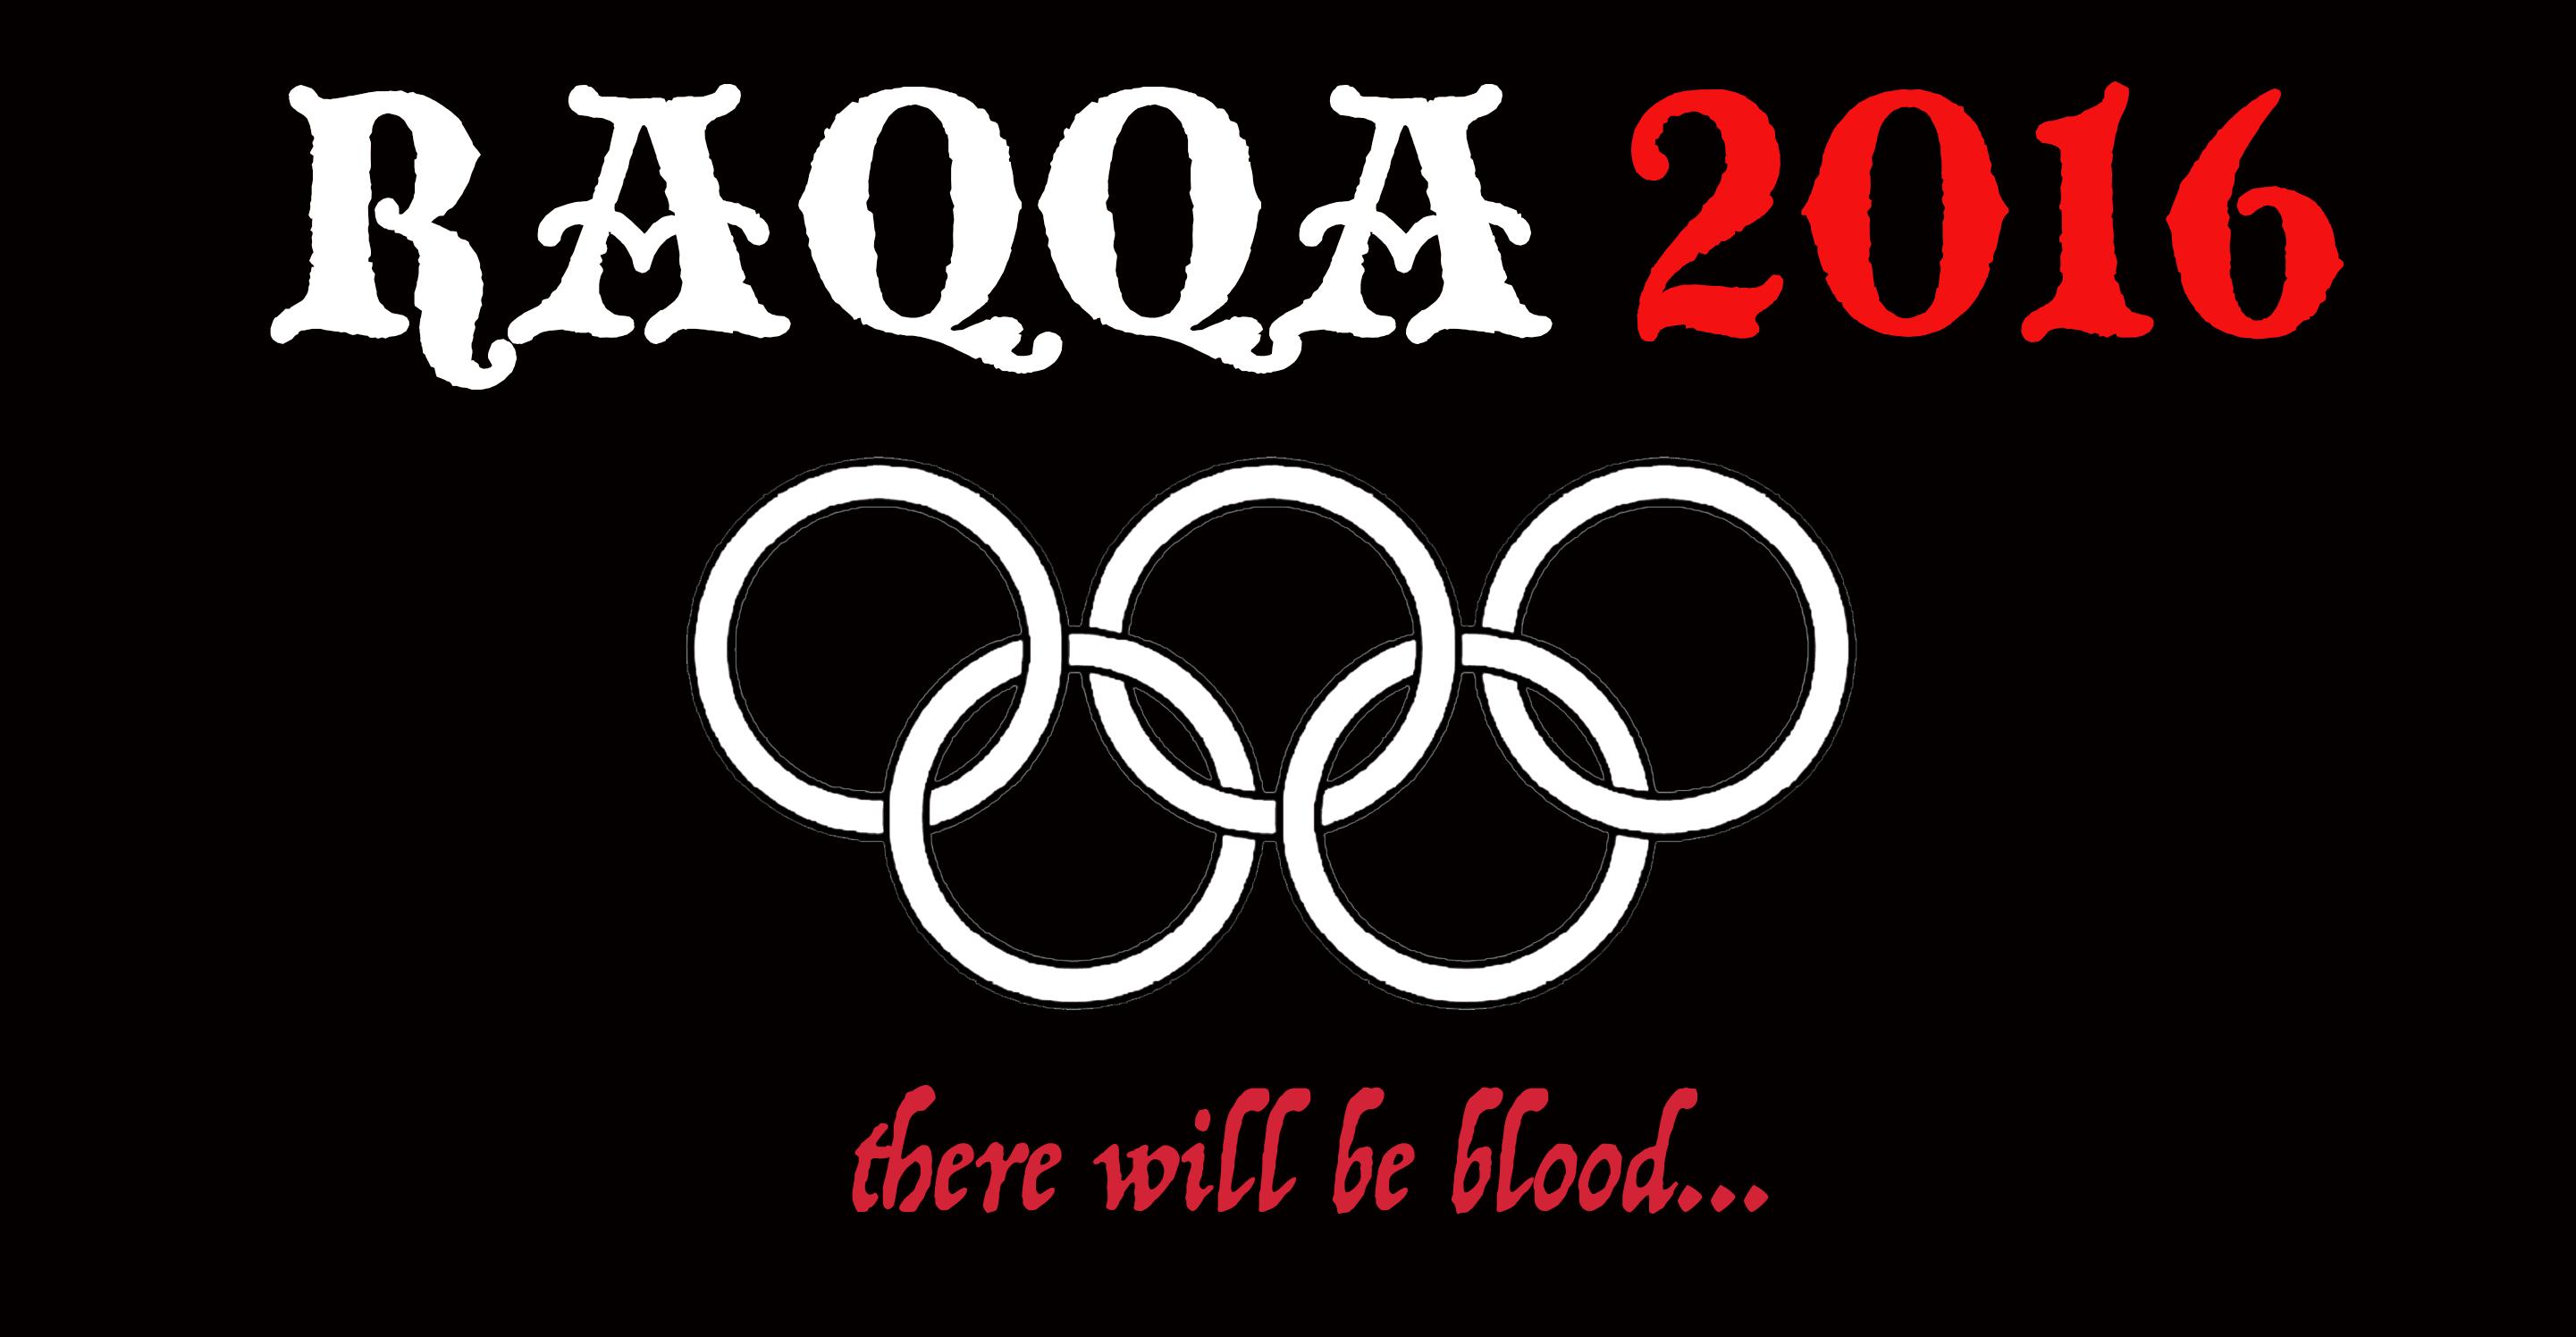 Raqqa 2016